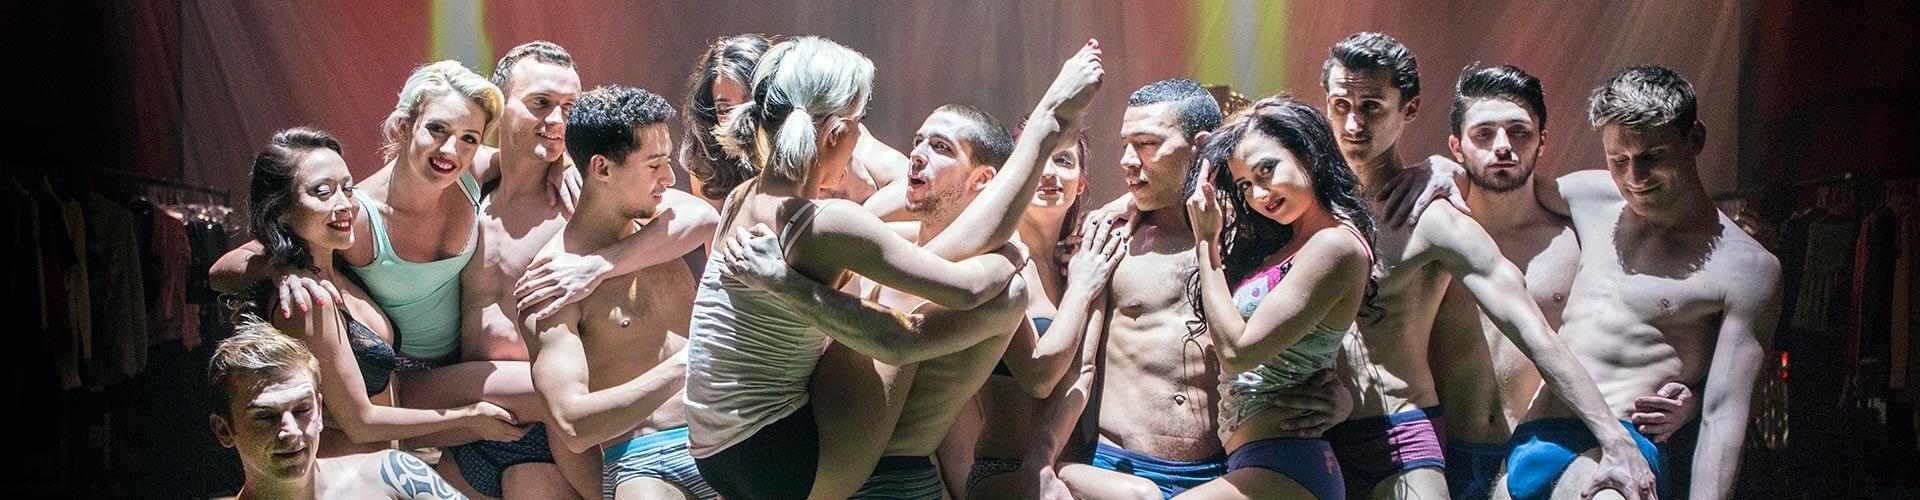 Watch Kama Sutra Balletboyz Online